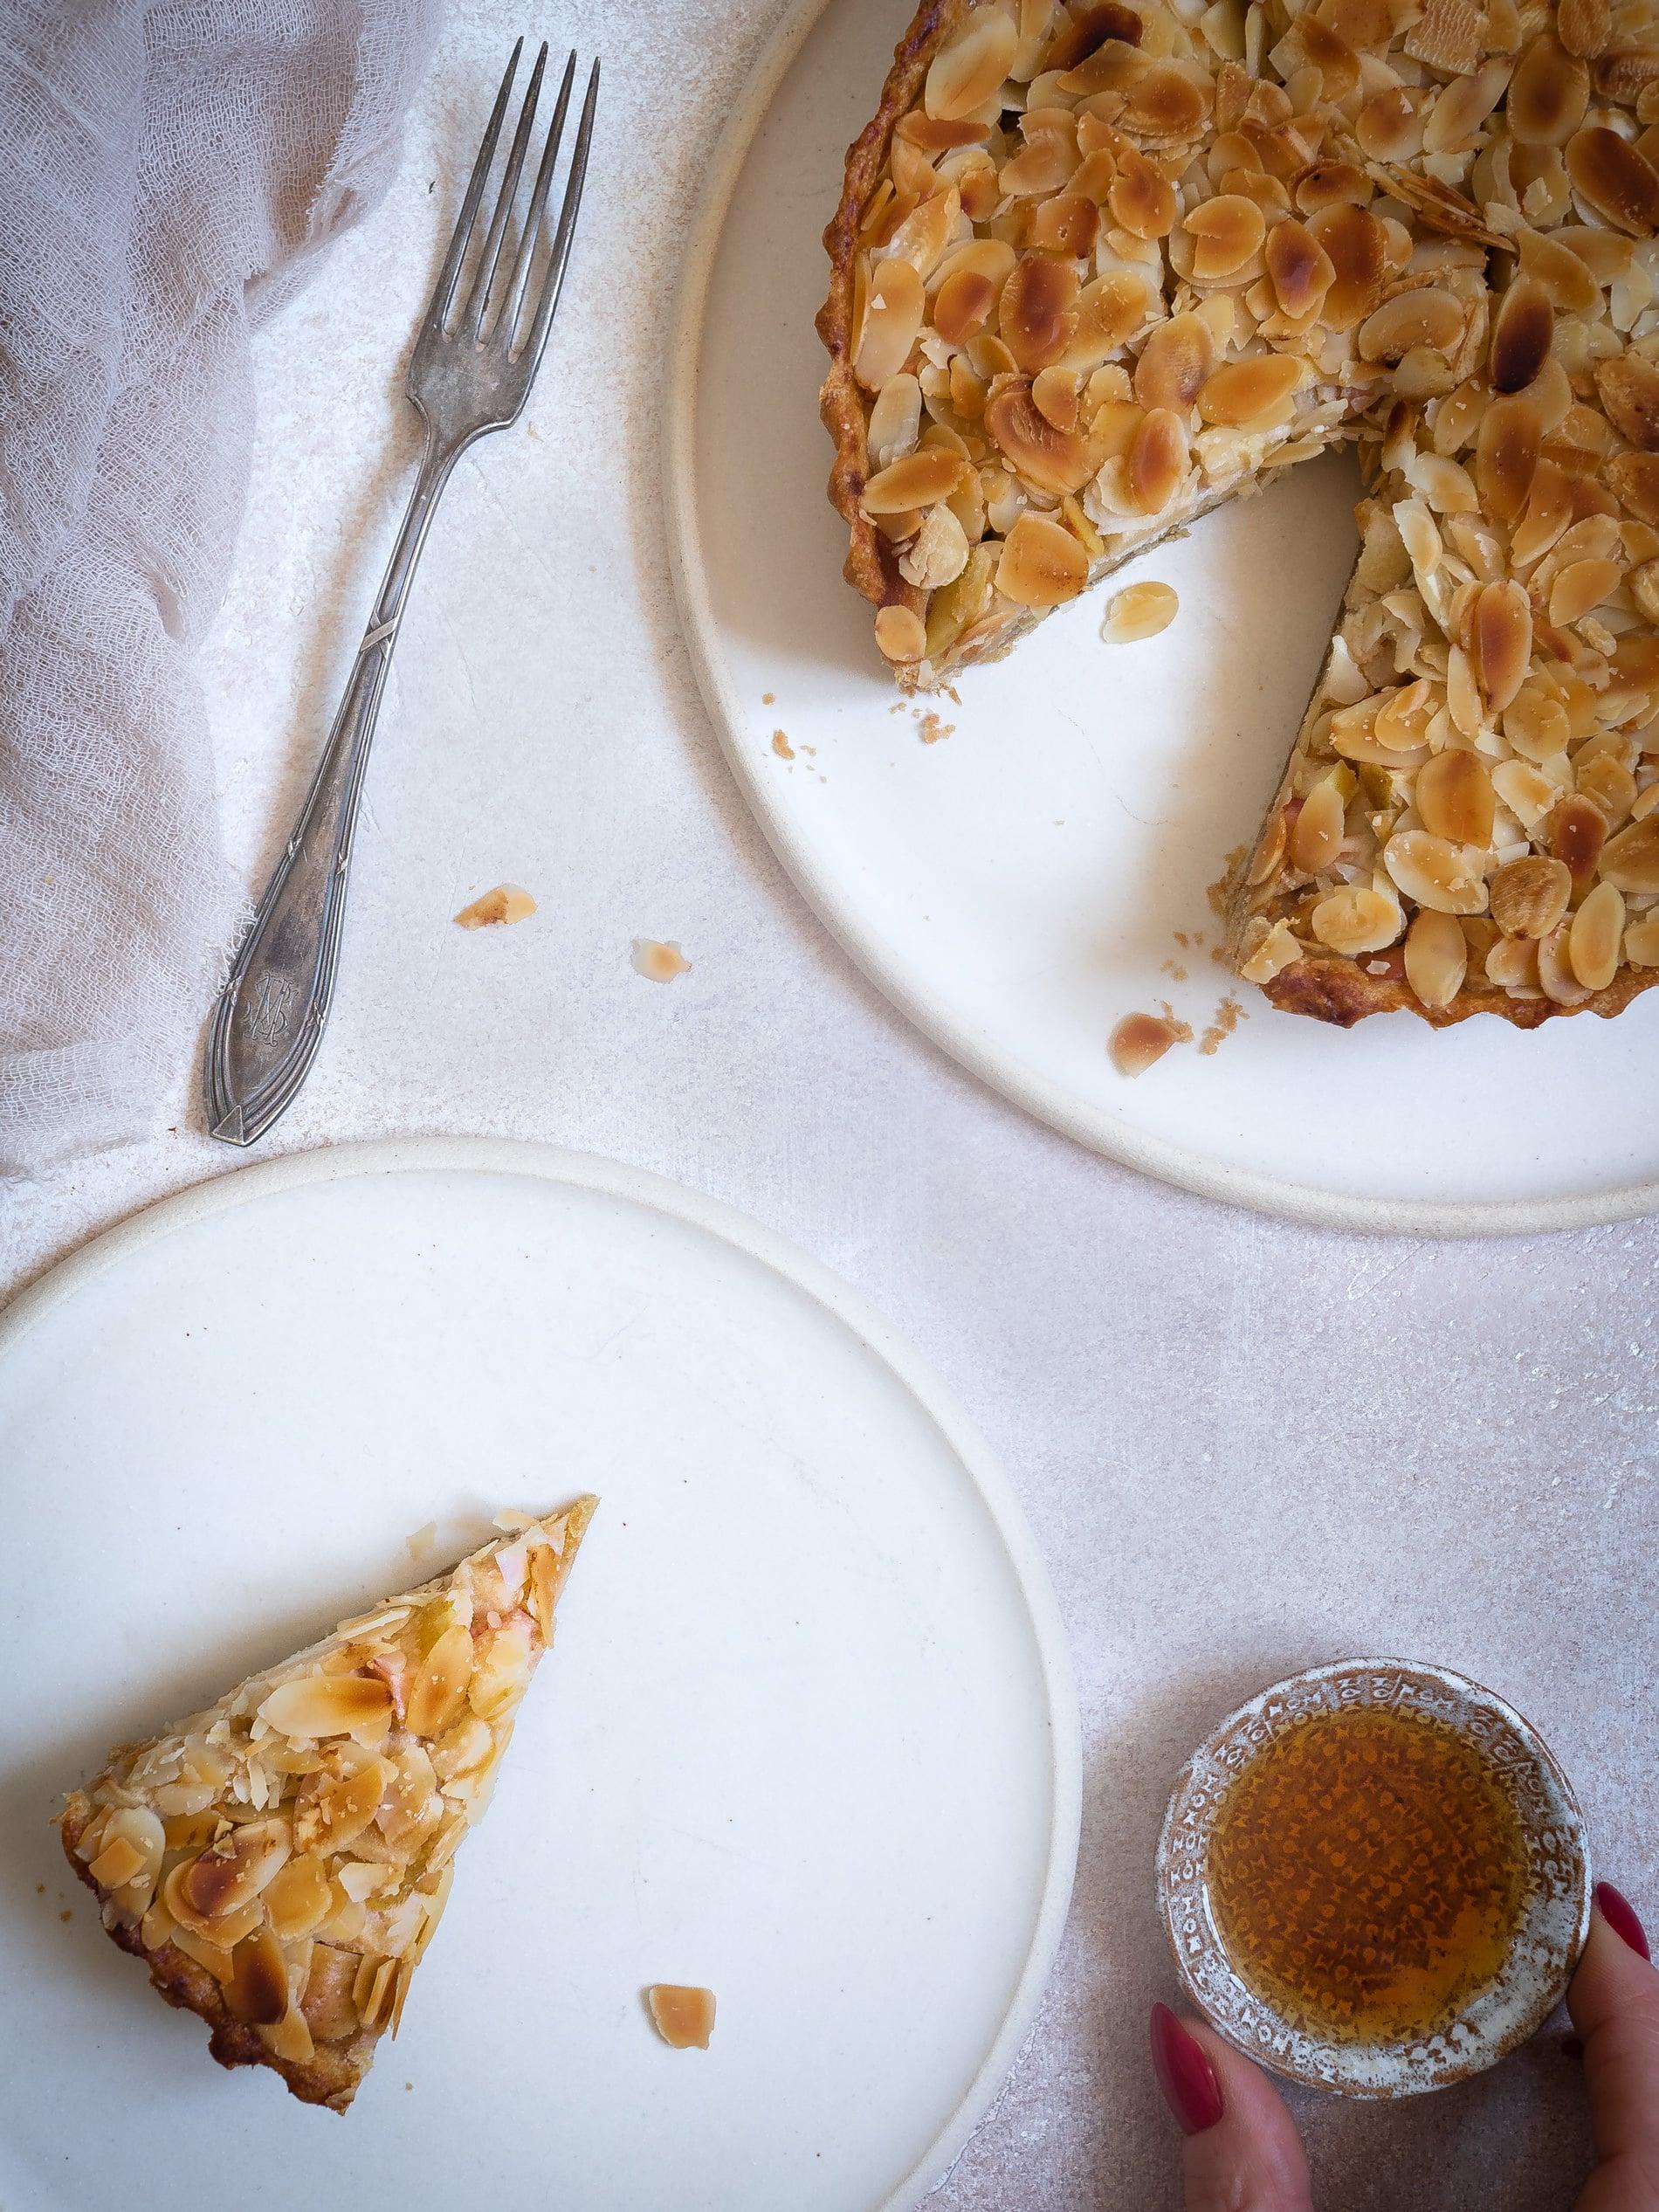 Apfelkuchen Rezept. Apfelkuchen mit Marzipan Einfach, saftig und mit Mandeln. Schneller Apfelkuchen. Vegan, Gesund, mit Zimt. @happymoodfood